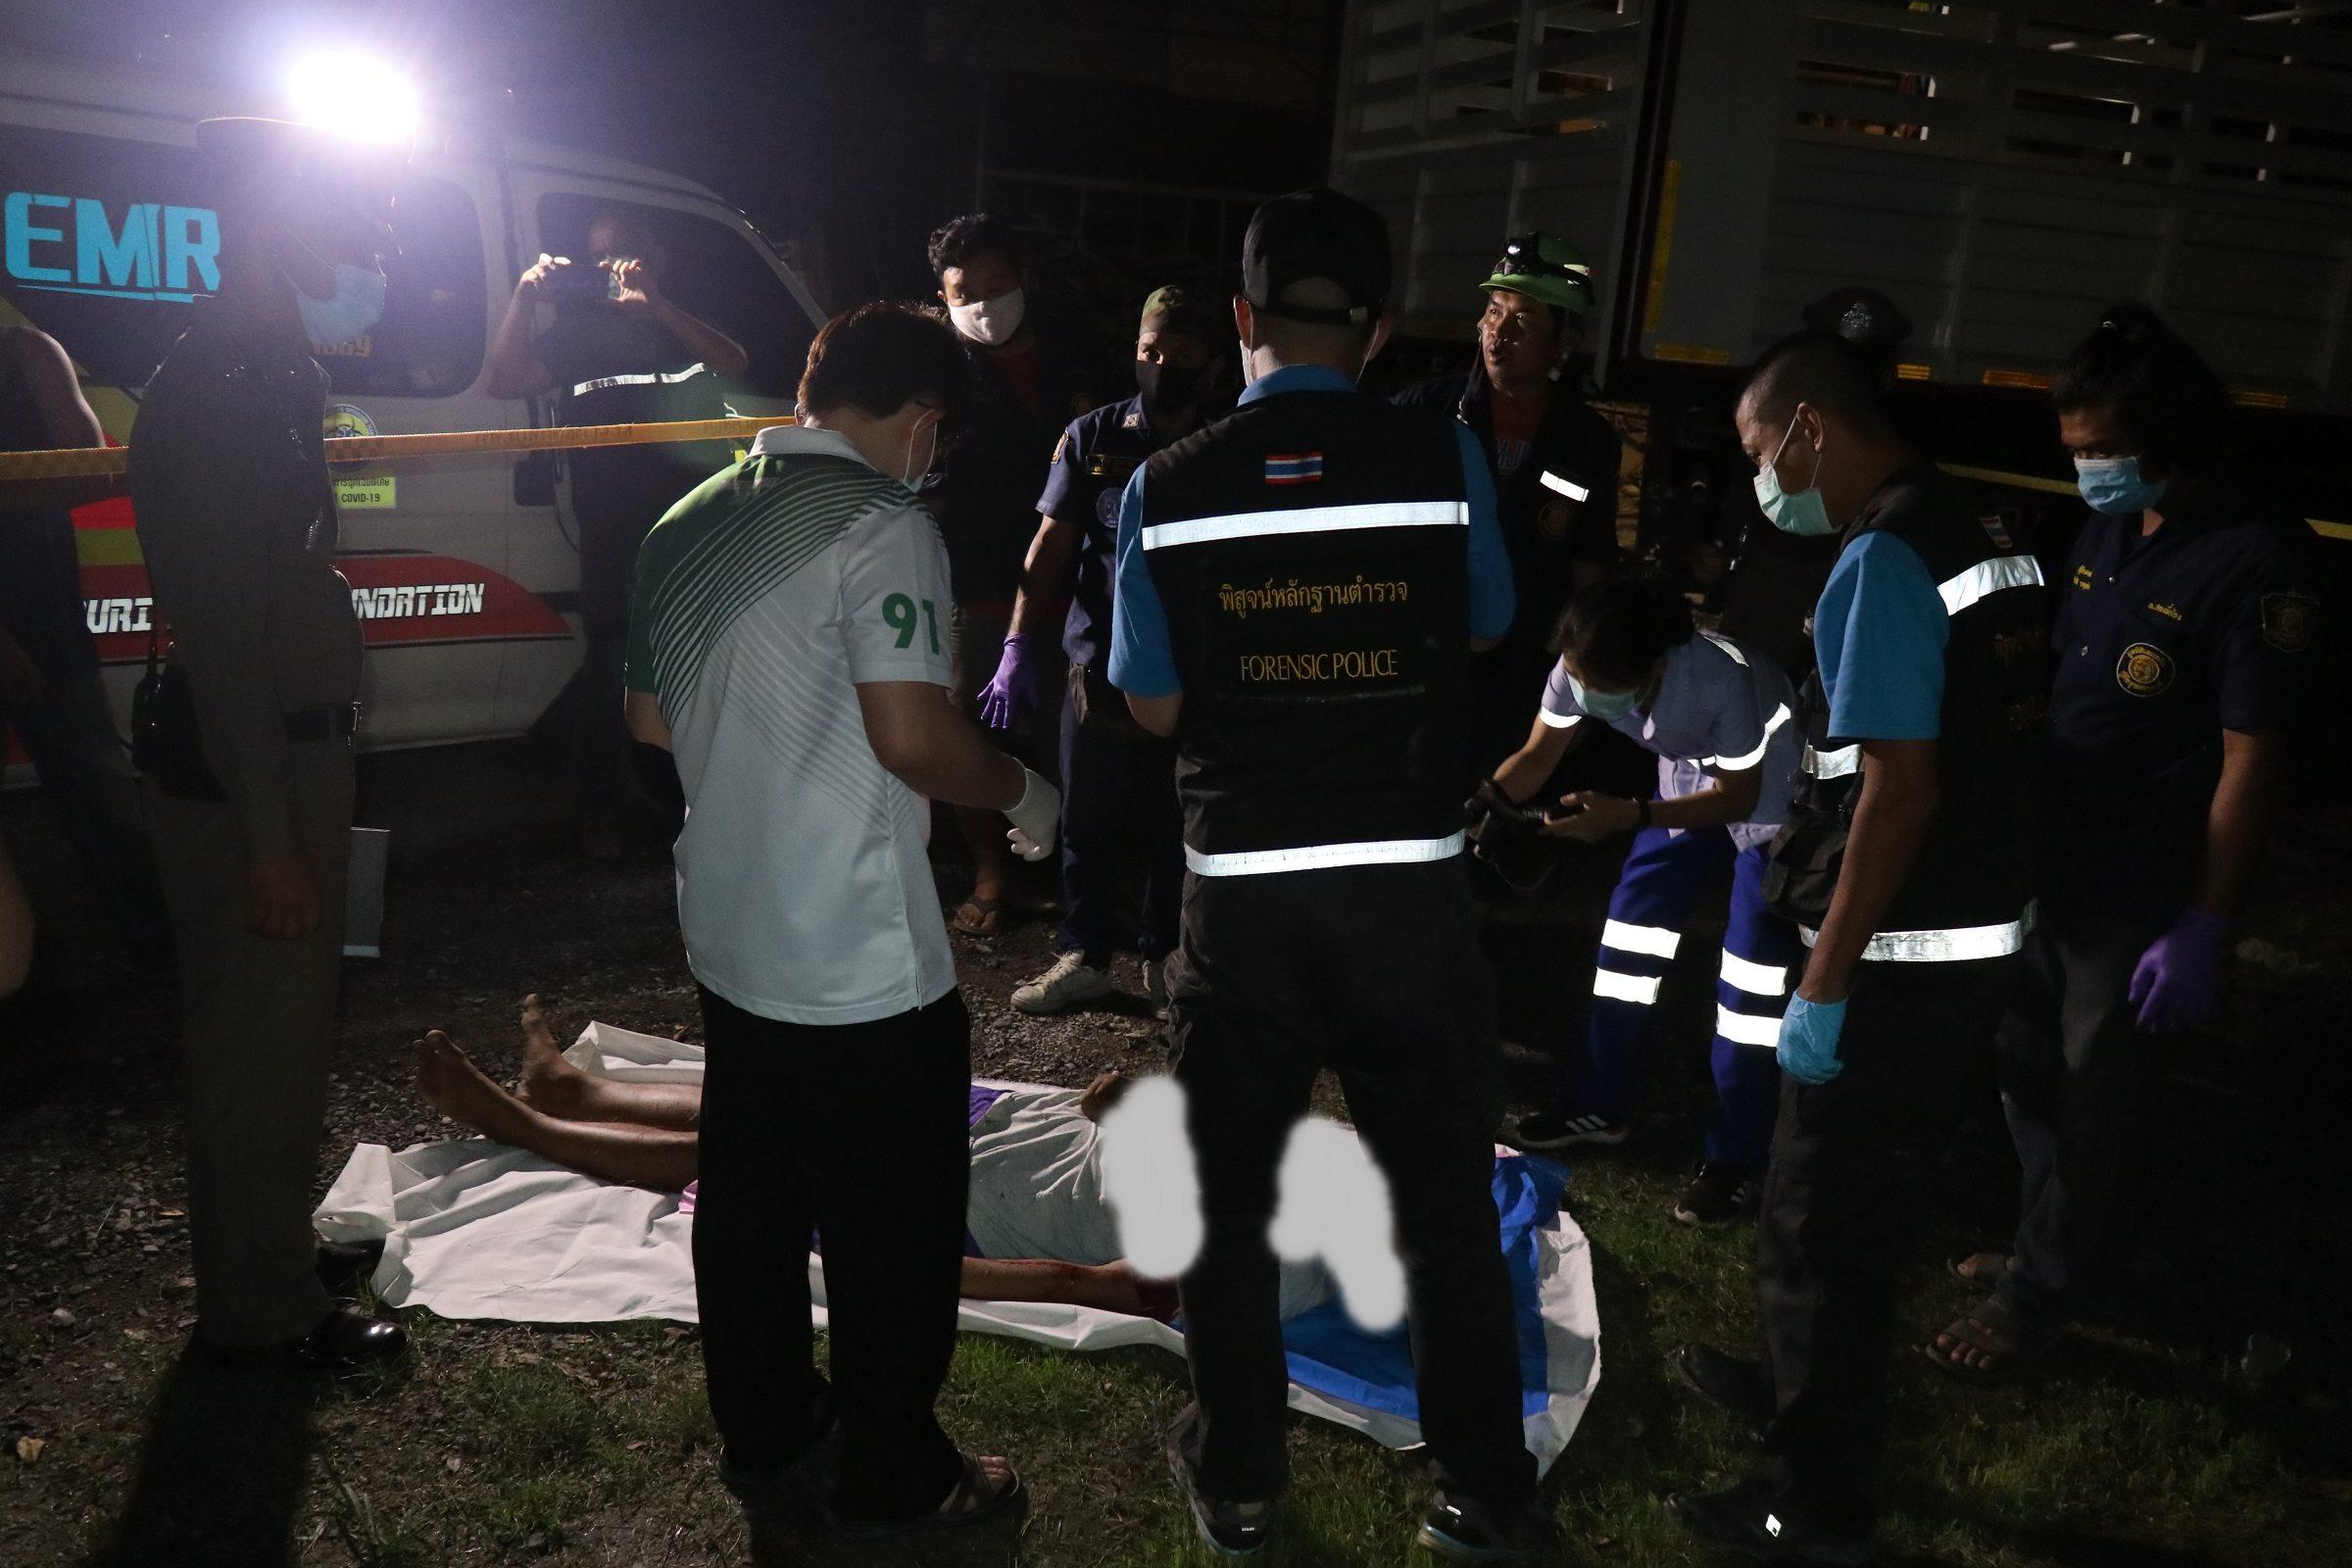 สารวัตรกำนันเมืองขุนแผนปืนดุยิงลูกเลี้ยงคลั่งยาดับคาบ้าน